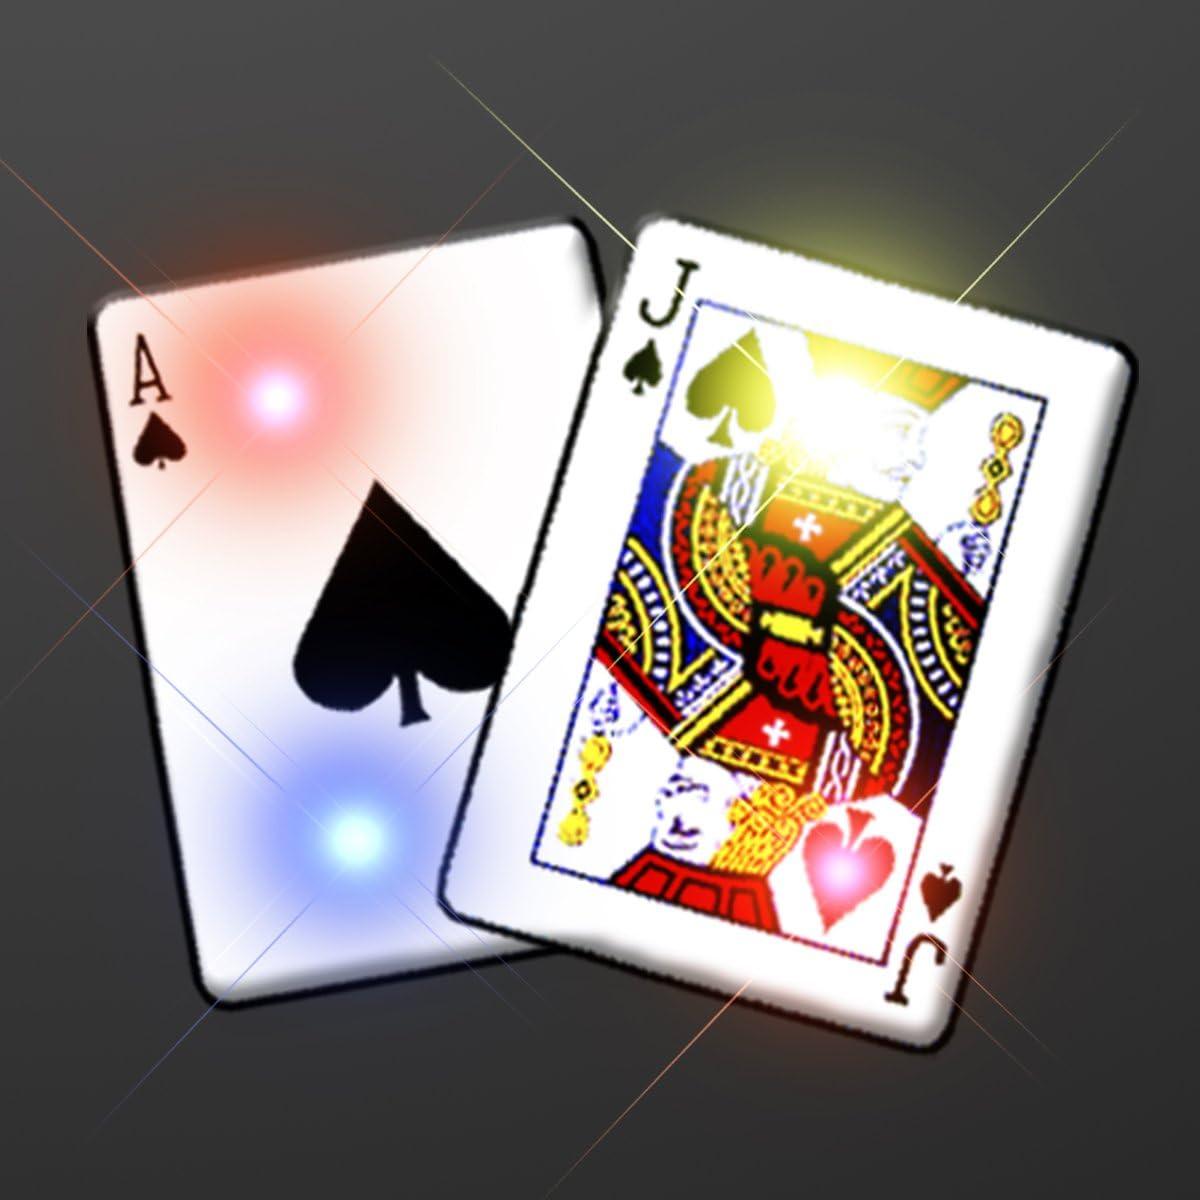 Poker night 2 rule 34